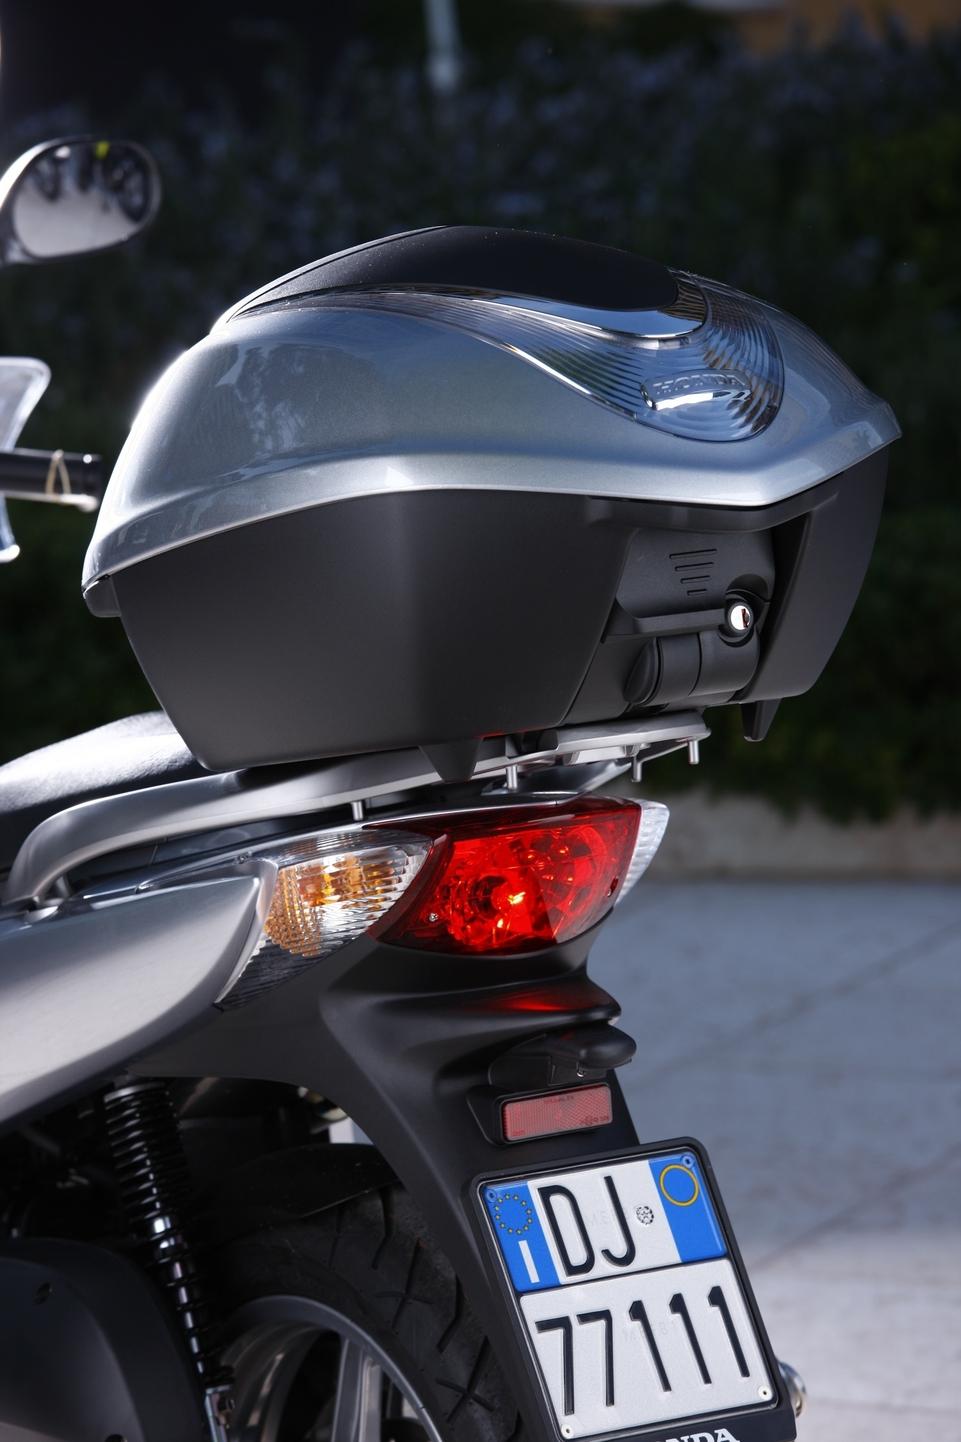 Des accessoires pour le Honda SH 125i 2009